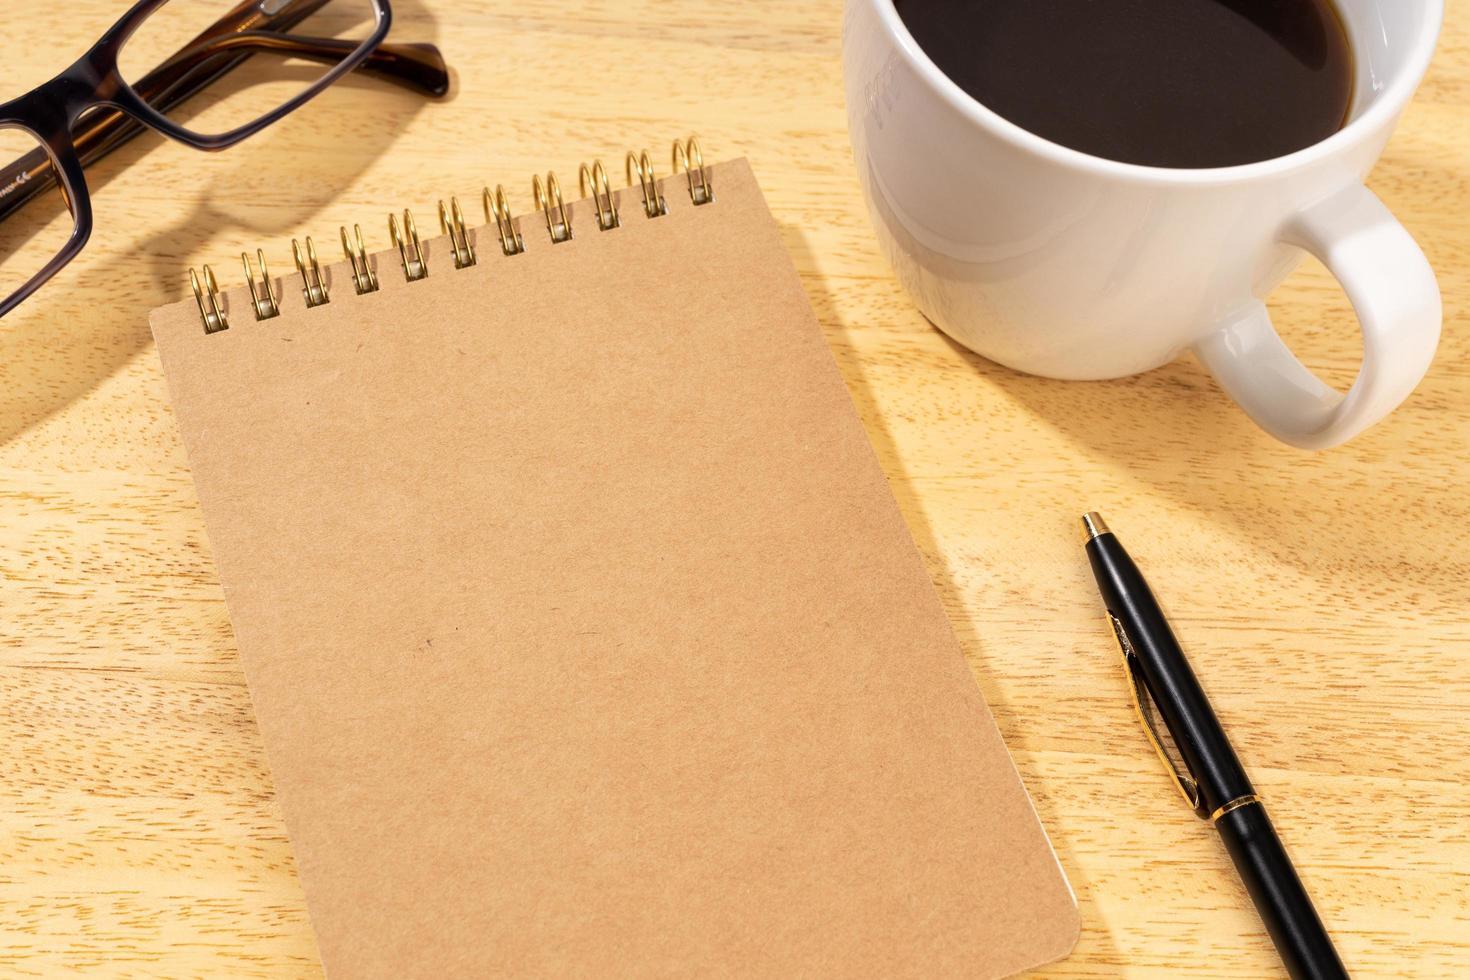 lege kartonnen notitieblok op houten bureau met kopje koffie en bril. sjabloon mock-up foto